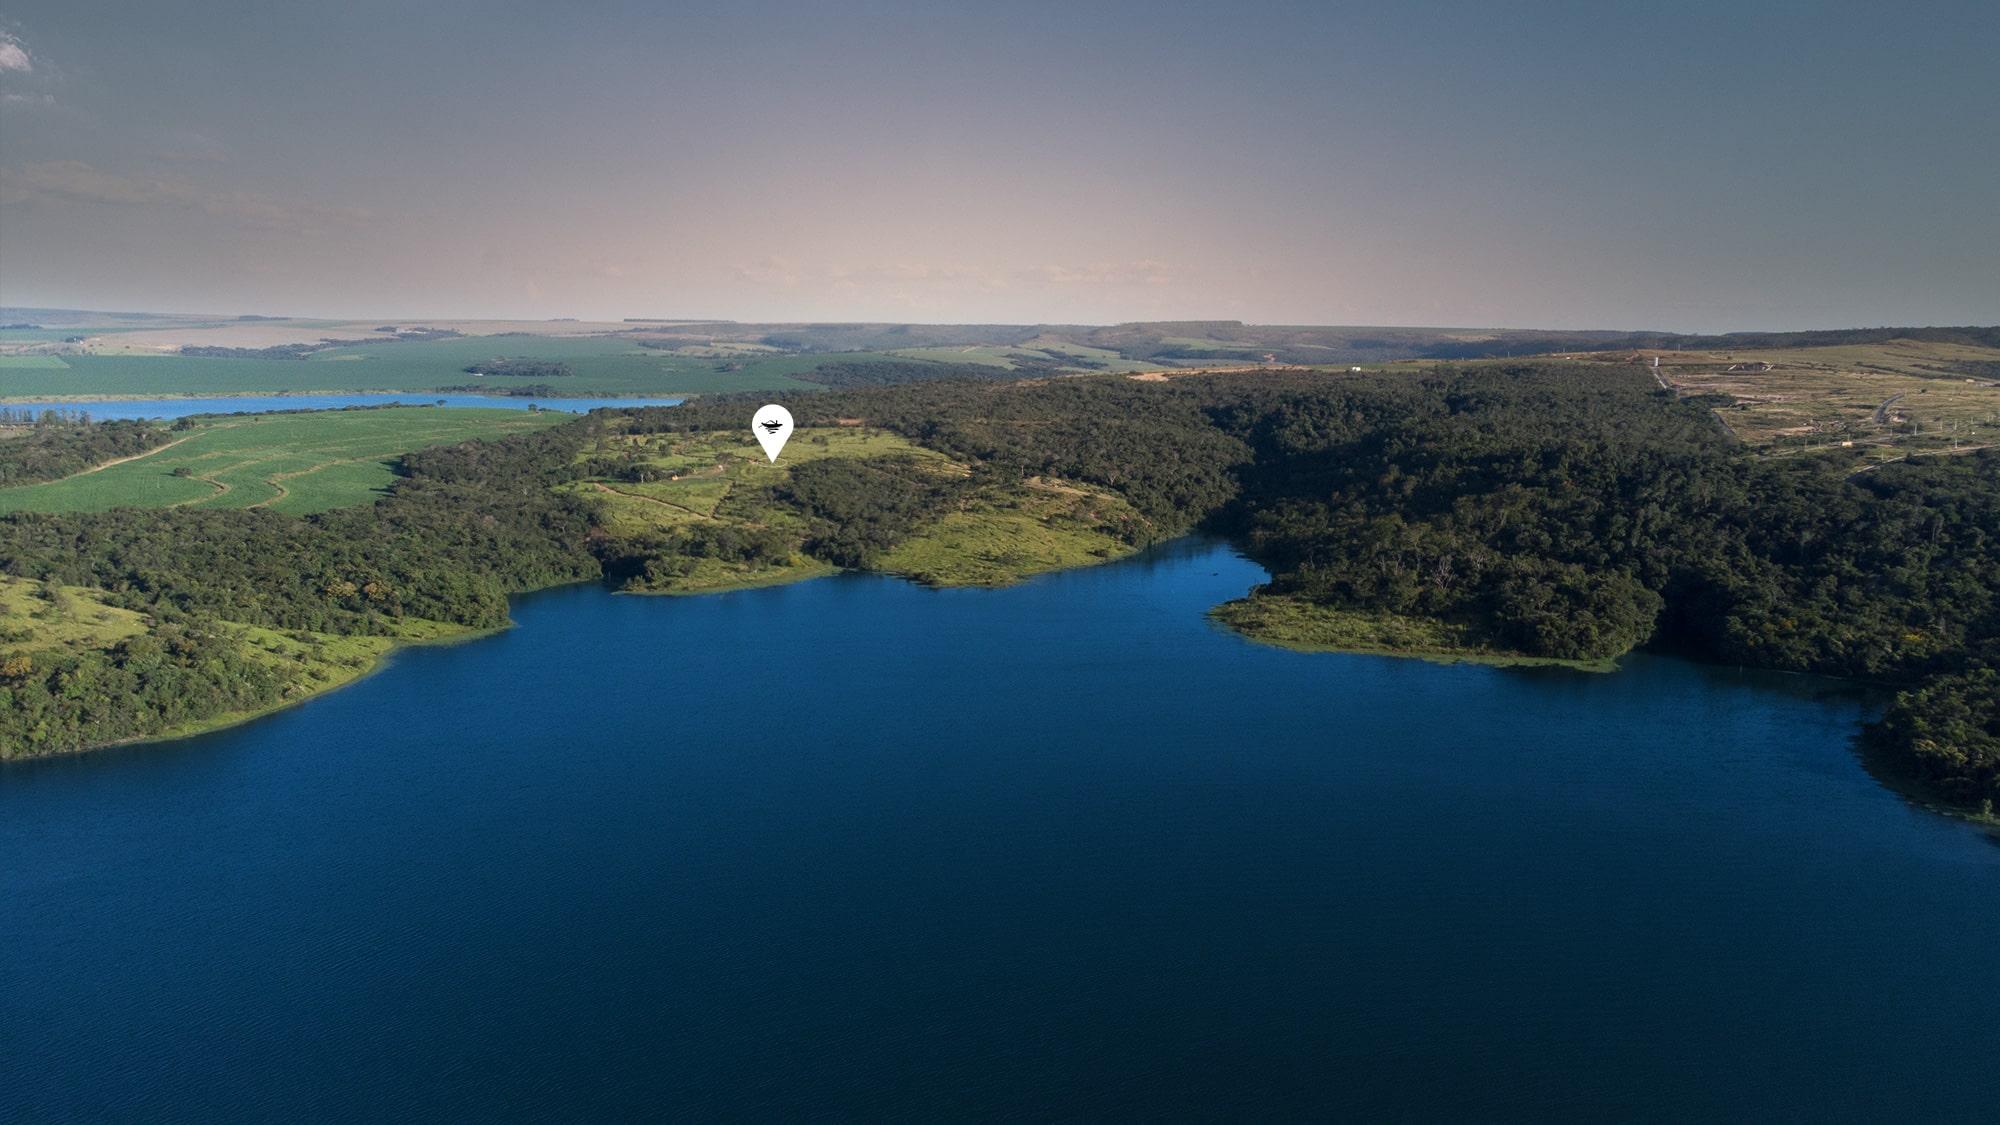 Fazenda Canoa vai abraçar a beleza exuberante do Lago Corumbá IV Fazenda Canoa vai abraçar a beleza exuberante do Lago Corumbá IV / Divulgação Divulgação